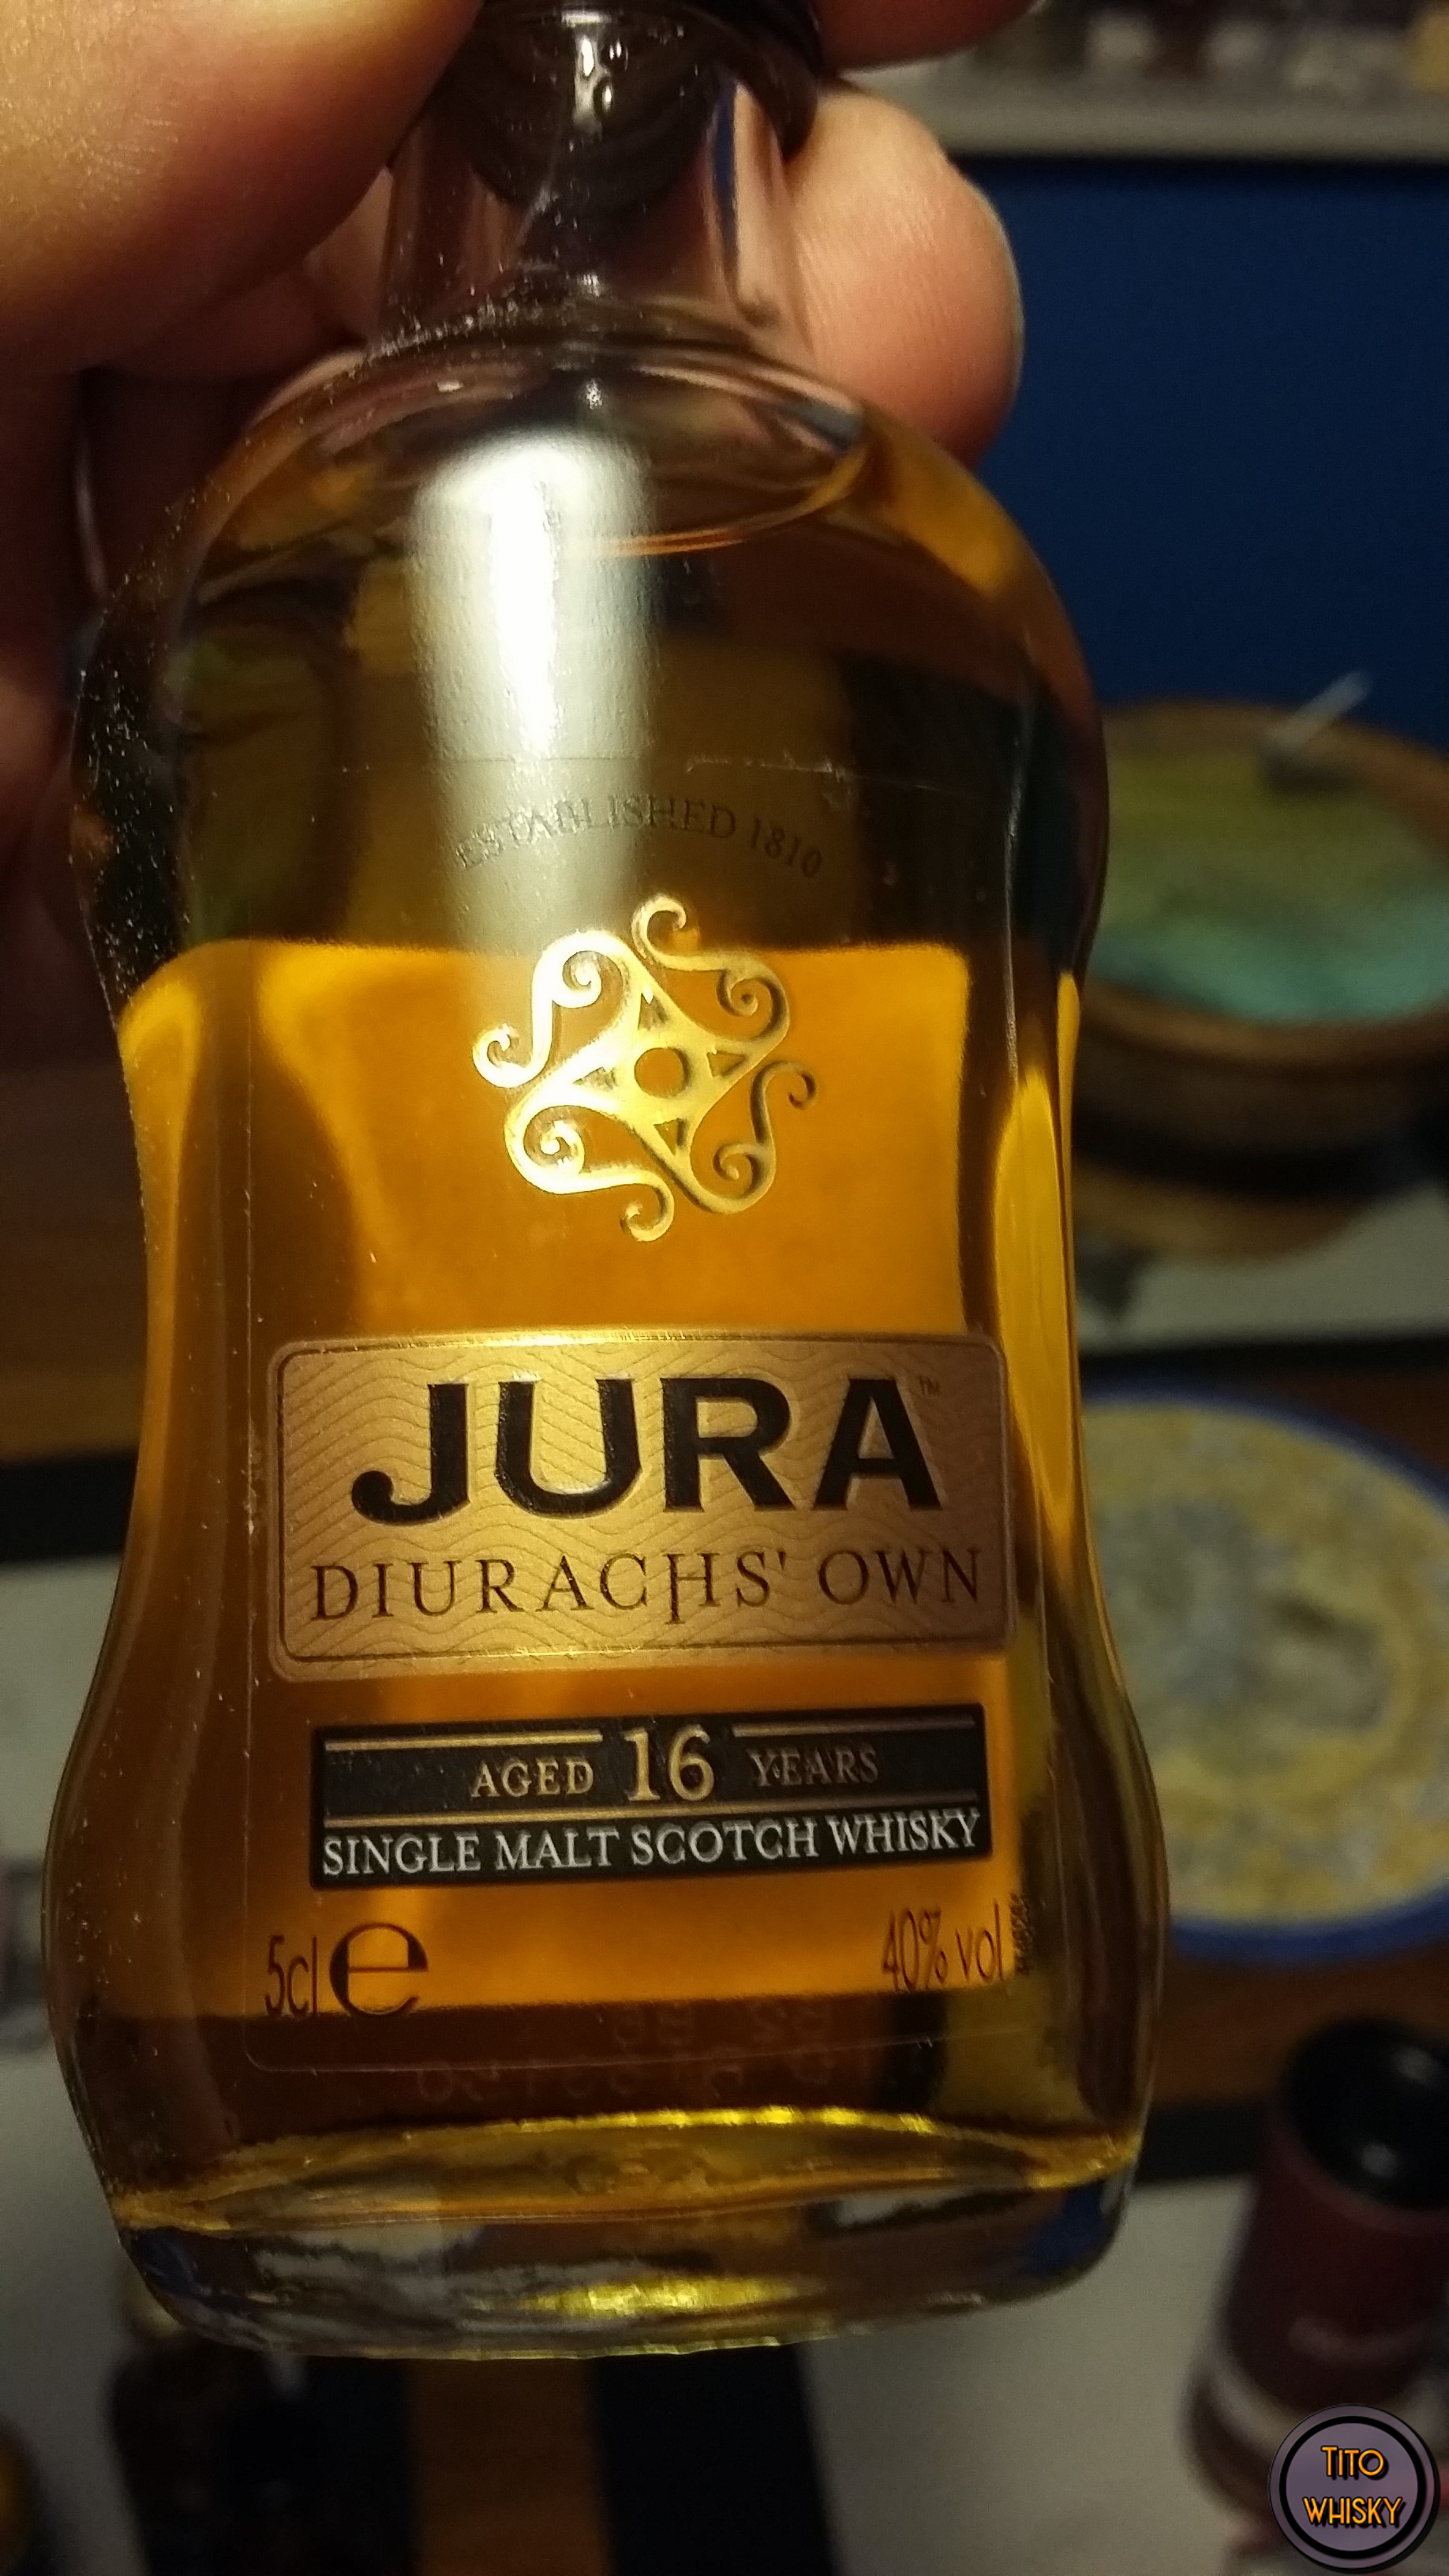 Whisky Jura diurachs' own